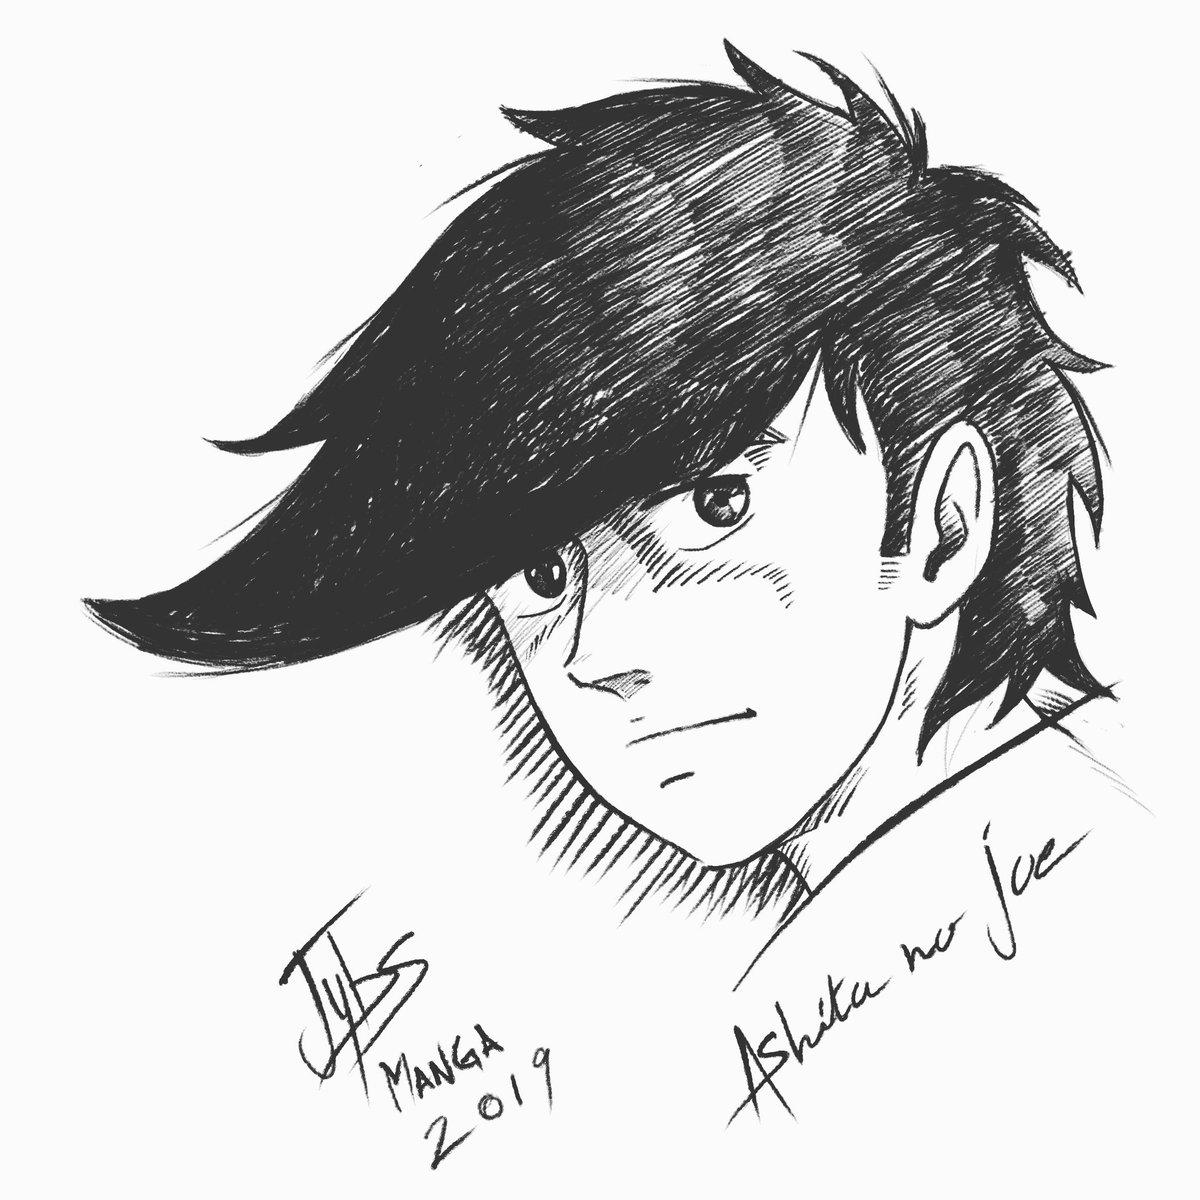 Ashita no Joe, Digital drawing by me Jeremy. B, 2019   #jybsartmanga #mangasketch #disegnomanga #rockyjoe #tatuaggio #arte #mangatattoo #drawingmanga  #drawing #ashitanojoe #dessinmanga #illustration #illustrazione #artemanga #boxing #digitalartwork #漫画 #漫画家 #漫画 #sketchpic.twitter.com/XNM408dqlu